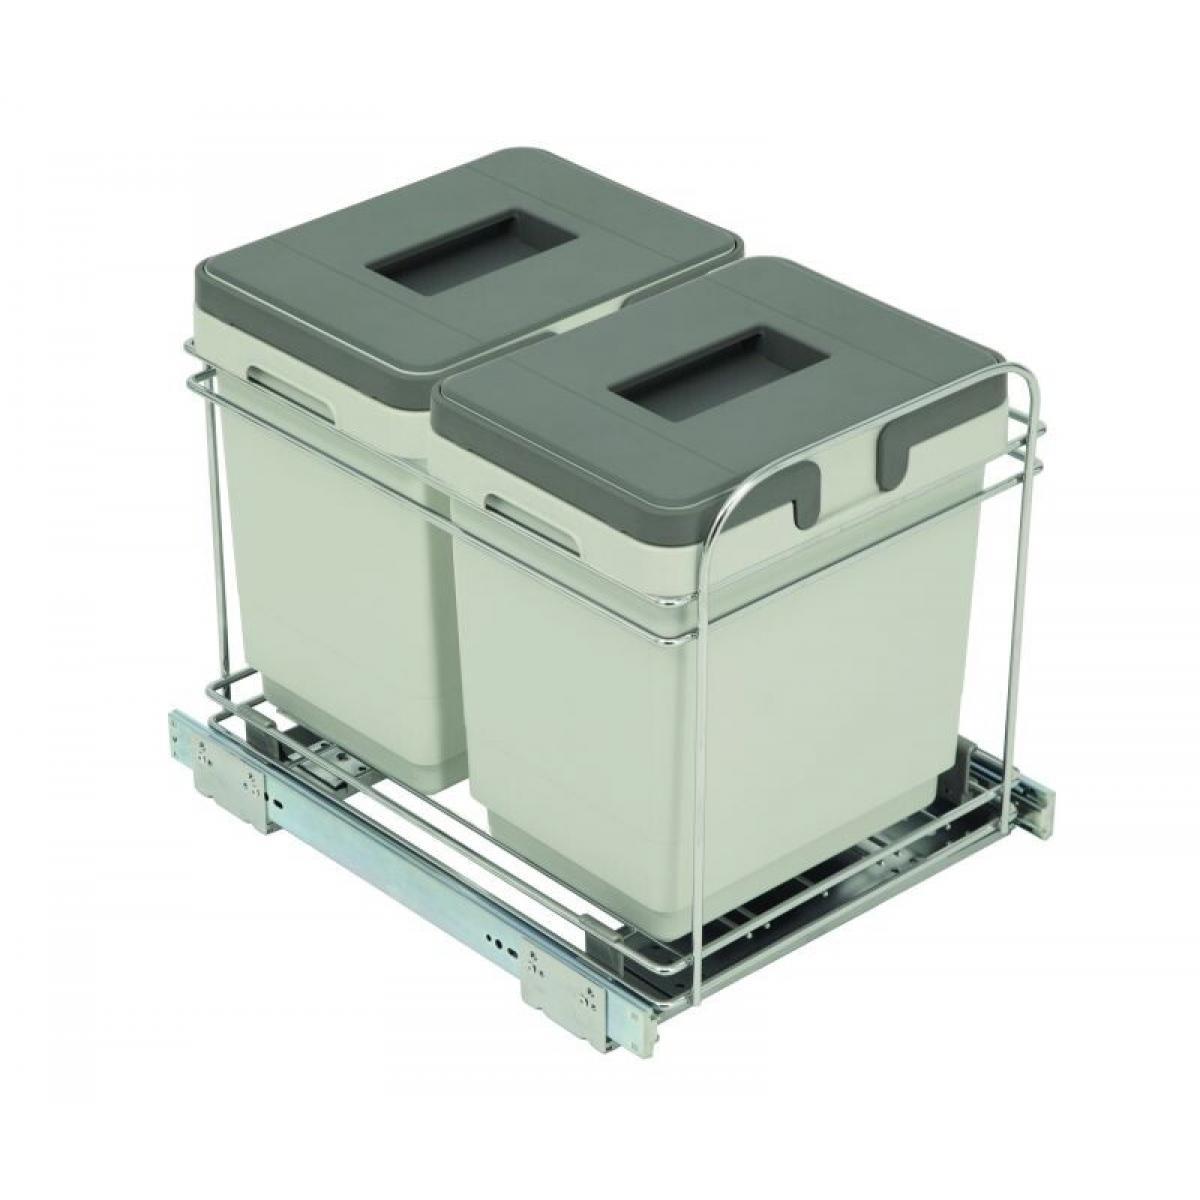 Комплект для раздельного сбора мусора для базы 400mm PETGS402MC